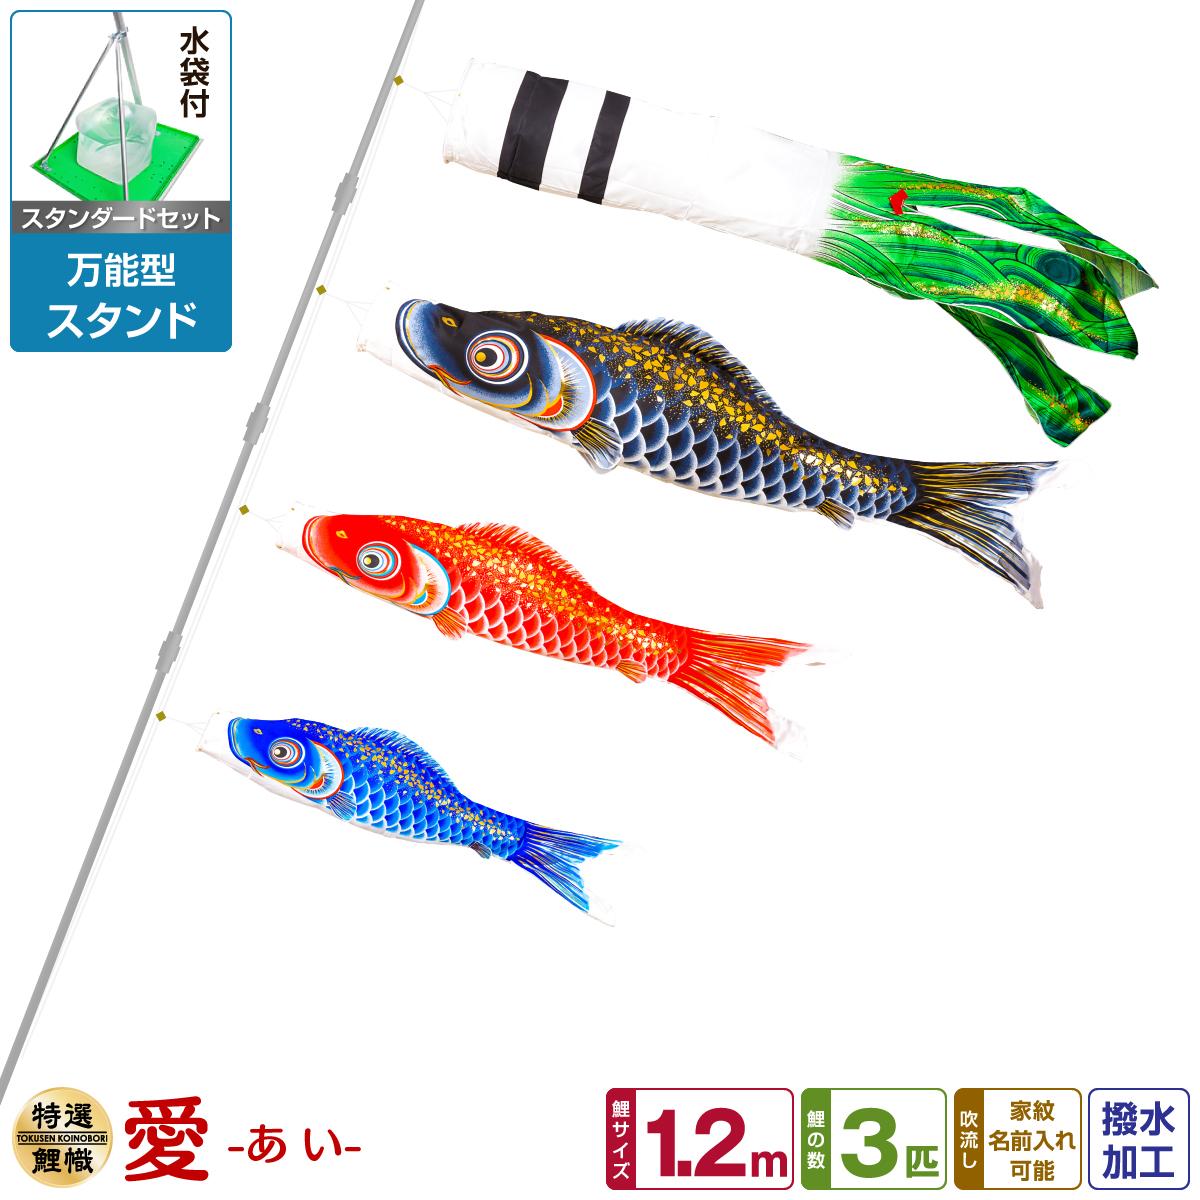 ベランダ用 こいのぼり 鯉のぼり 愛 1.2m 6点(吹流し+鯉3匹+矢車+ロープ)/スタンダードセット(万能スタンド)